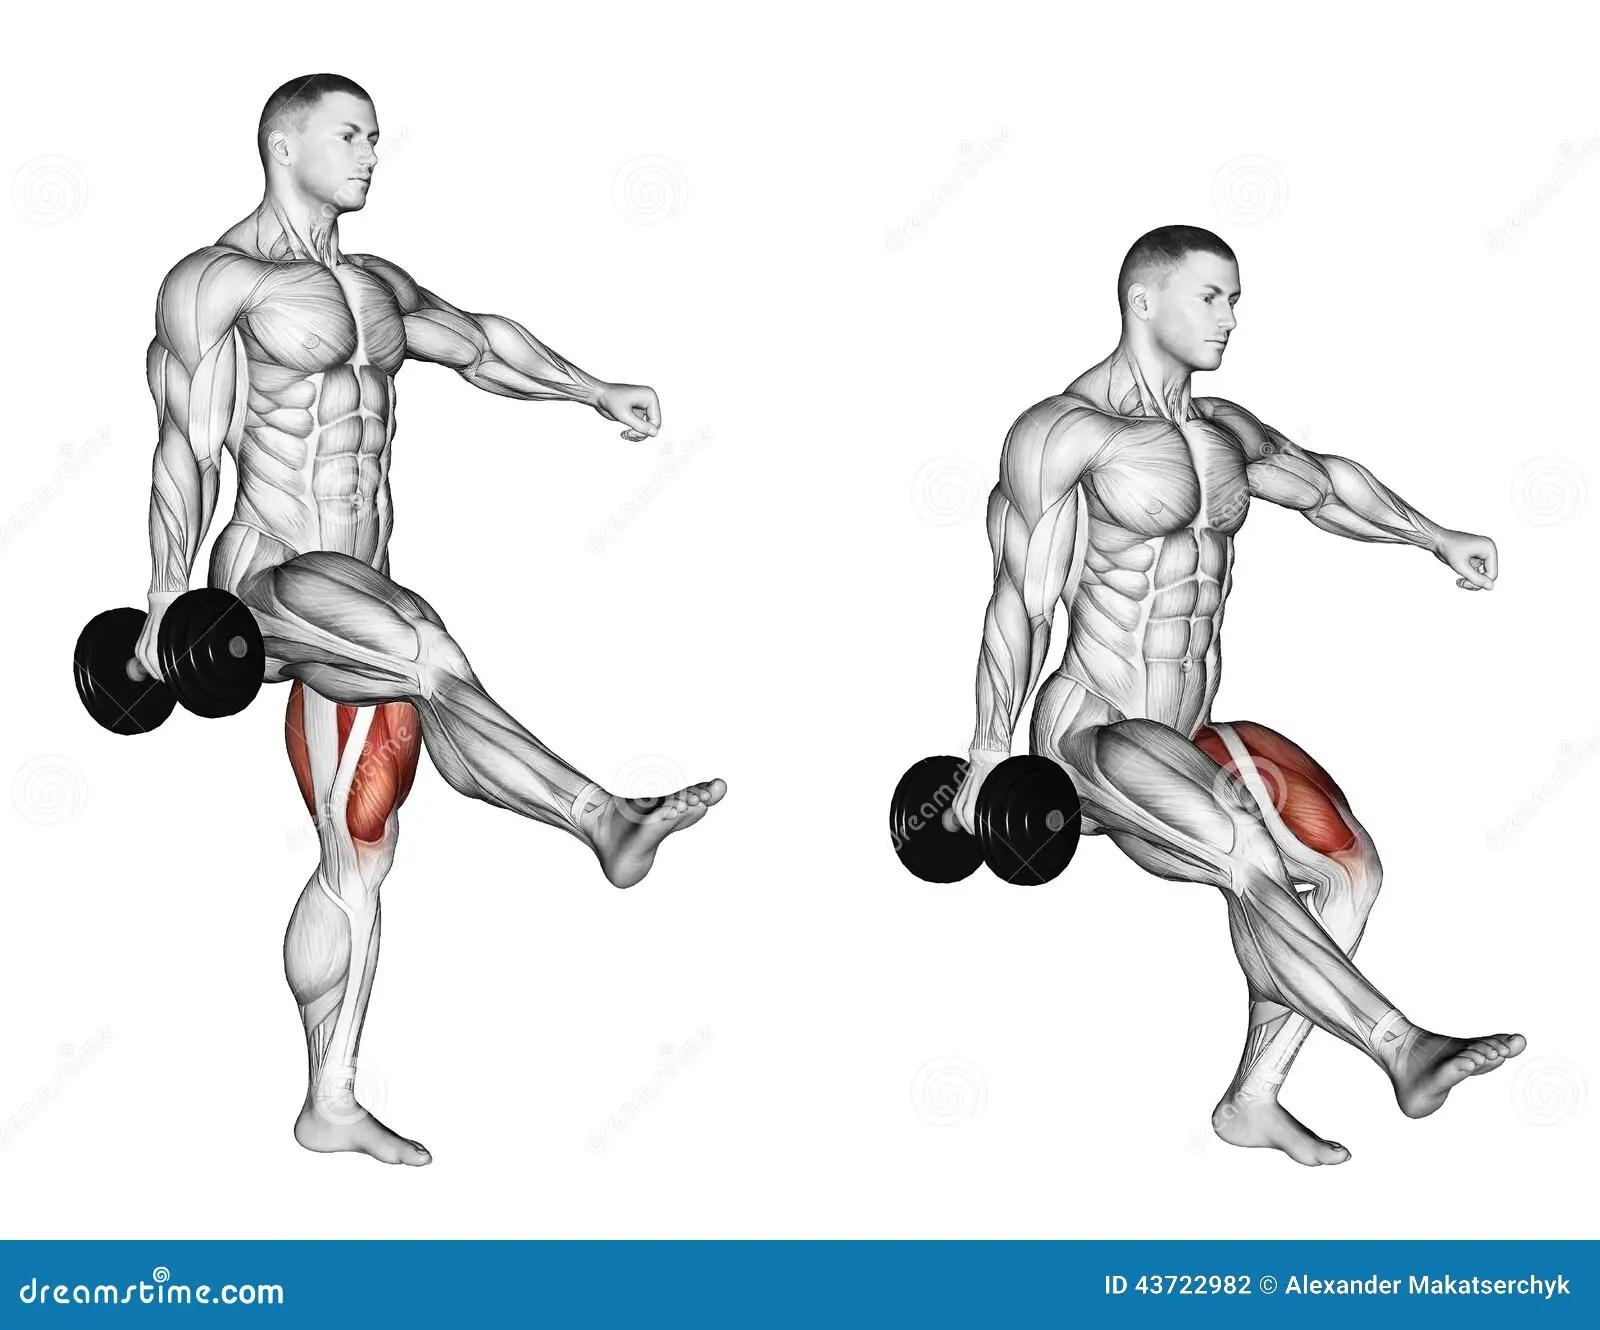 Exercising Squatting On One Leg Stock Illustration